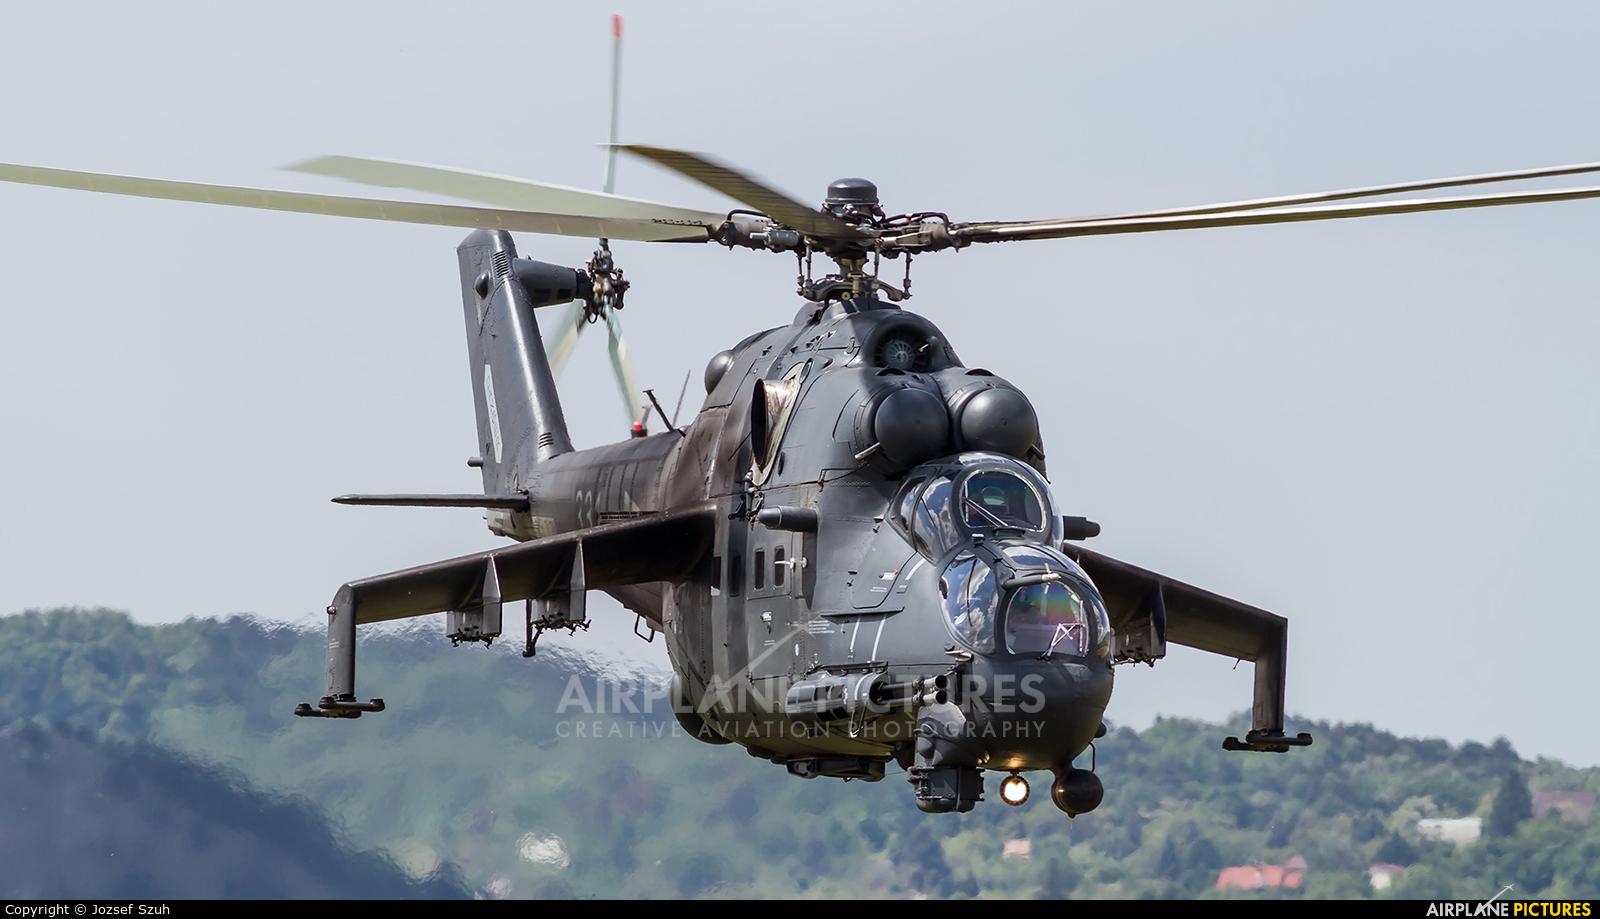 Hungary - Air Force 331 aircraft at Budaors